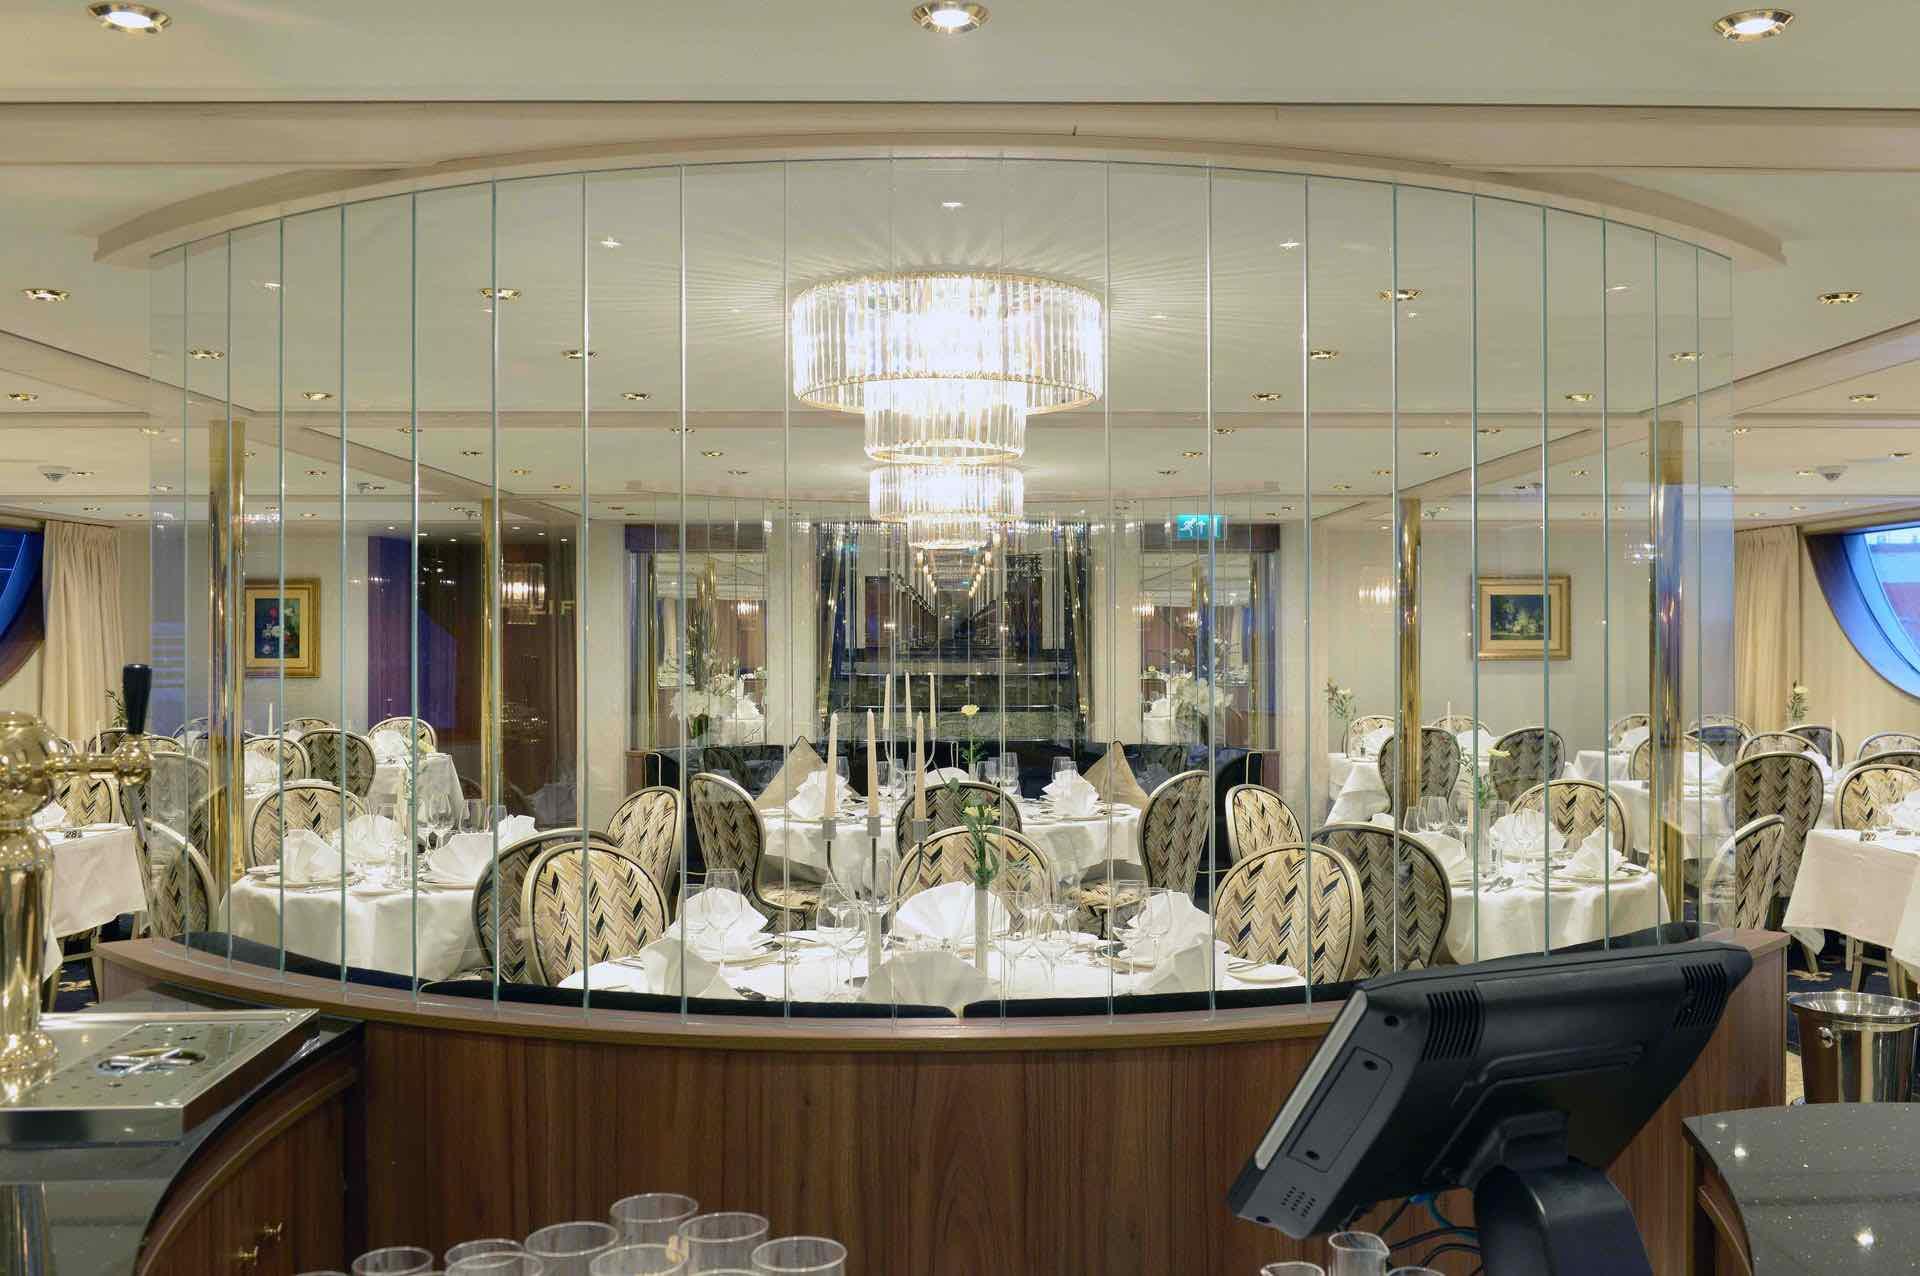 MS Jane Austen Restaurant